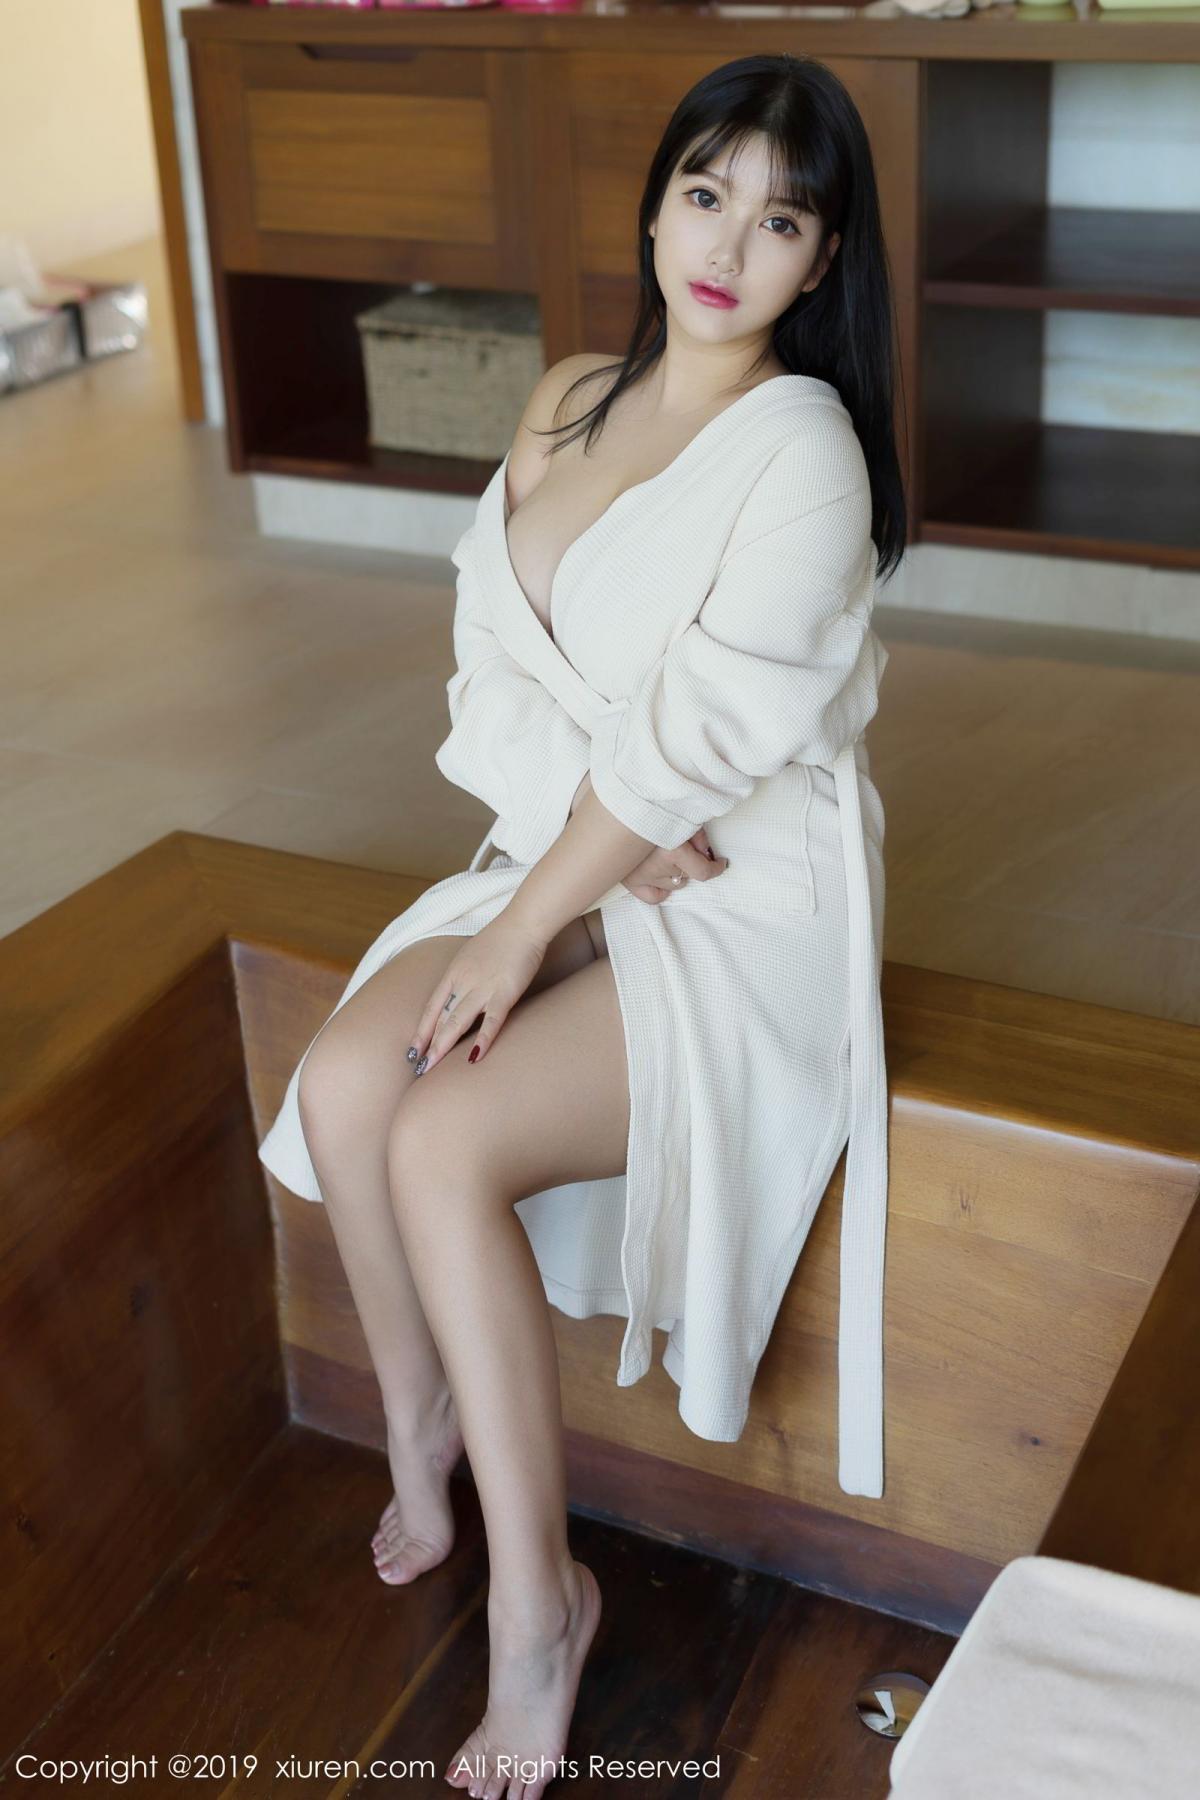 [XiuRen] Vol.1603 Lu Lu Xiao Miao 31P, Lu Lu Xiao Miao, Underwear, Xiuren